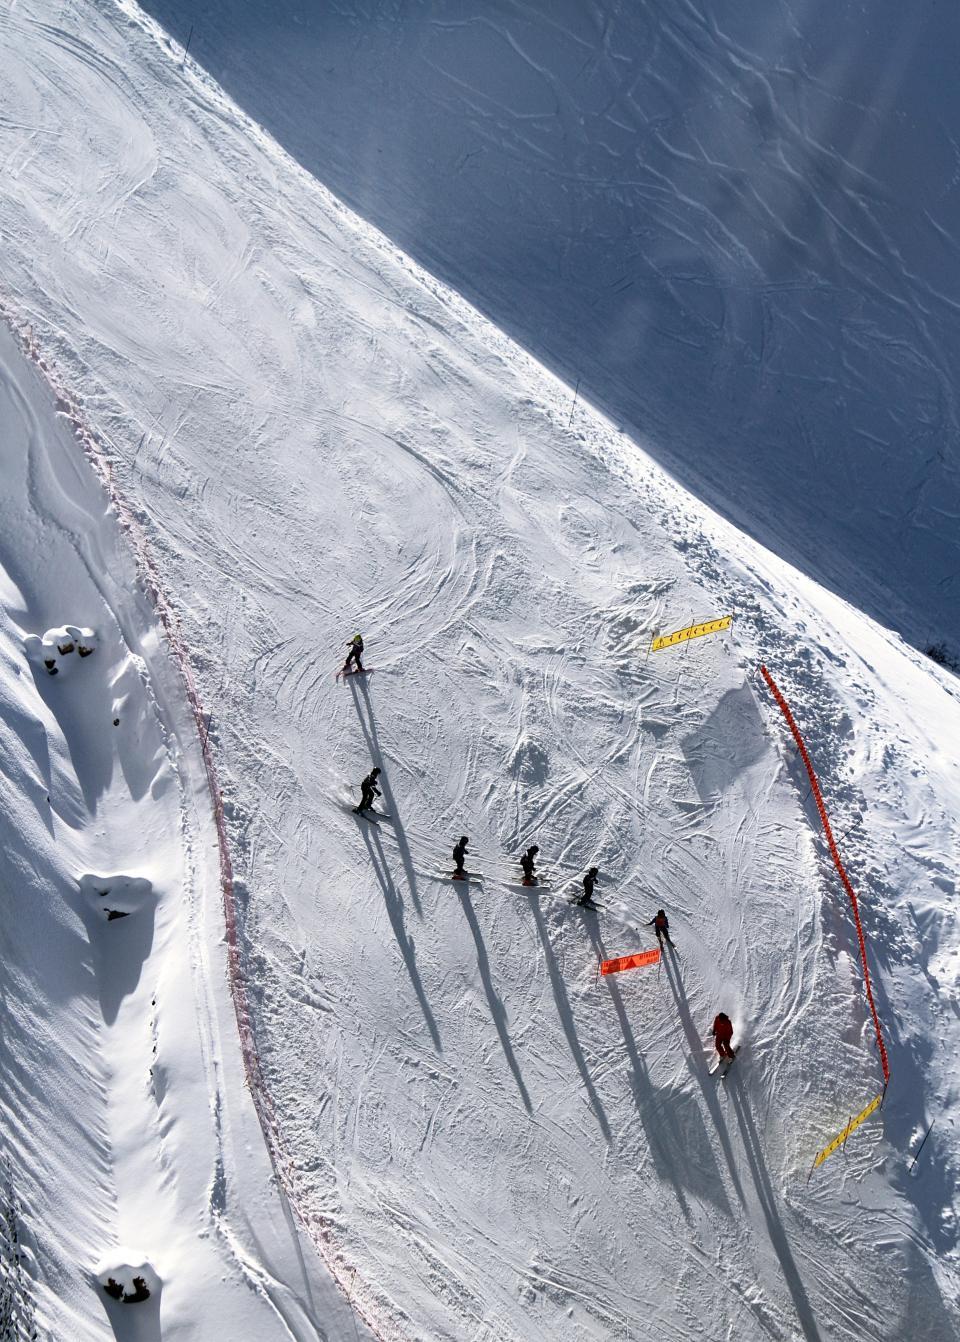 ice, skiing, skier, ski, run, sunny, snow, winter, people, men, sport, mountain